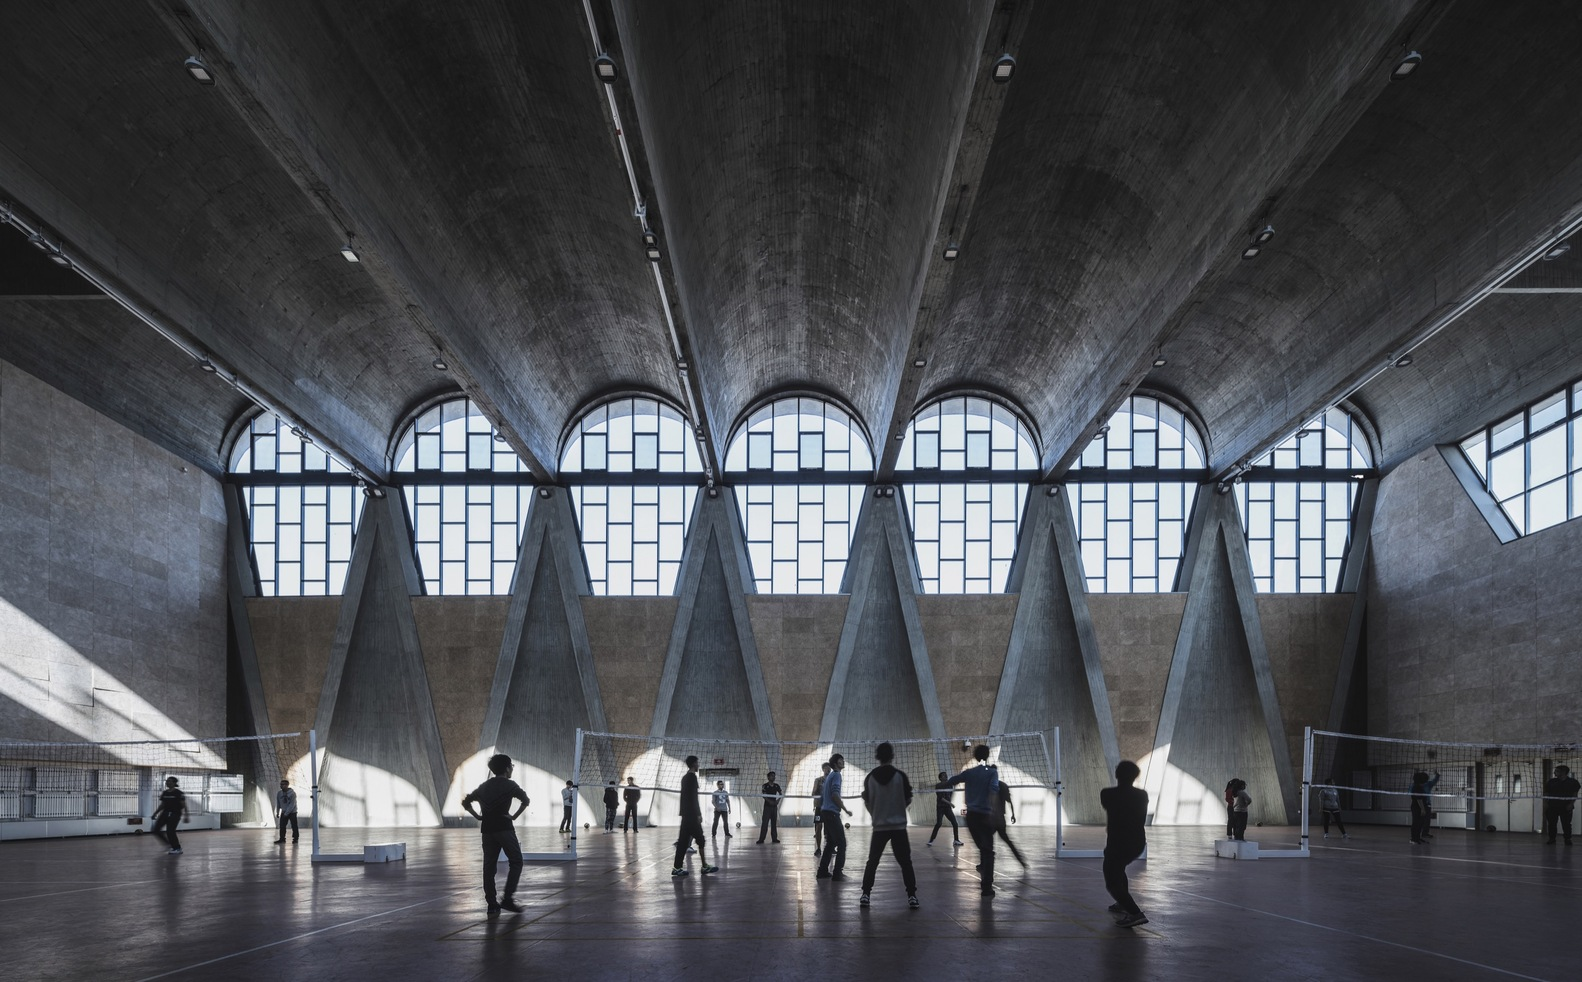 Fotografia vencedora da categoria Edifícios em Uso, em 2017. Ginásio do novo campus da Universidade de Tianjin, na China / Atelier Li Xinggang. Foto: Terrence Zhang/arcaidimages.com/Sto.